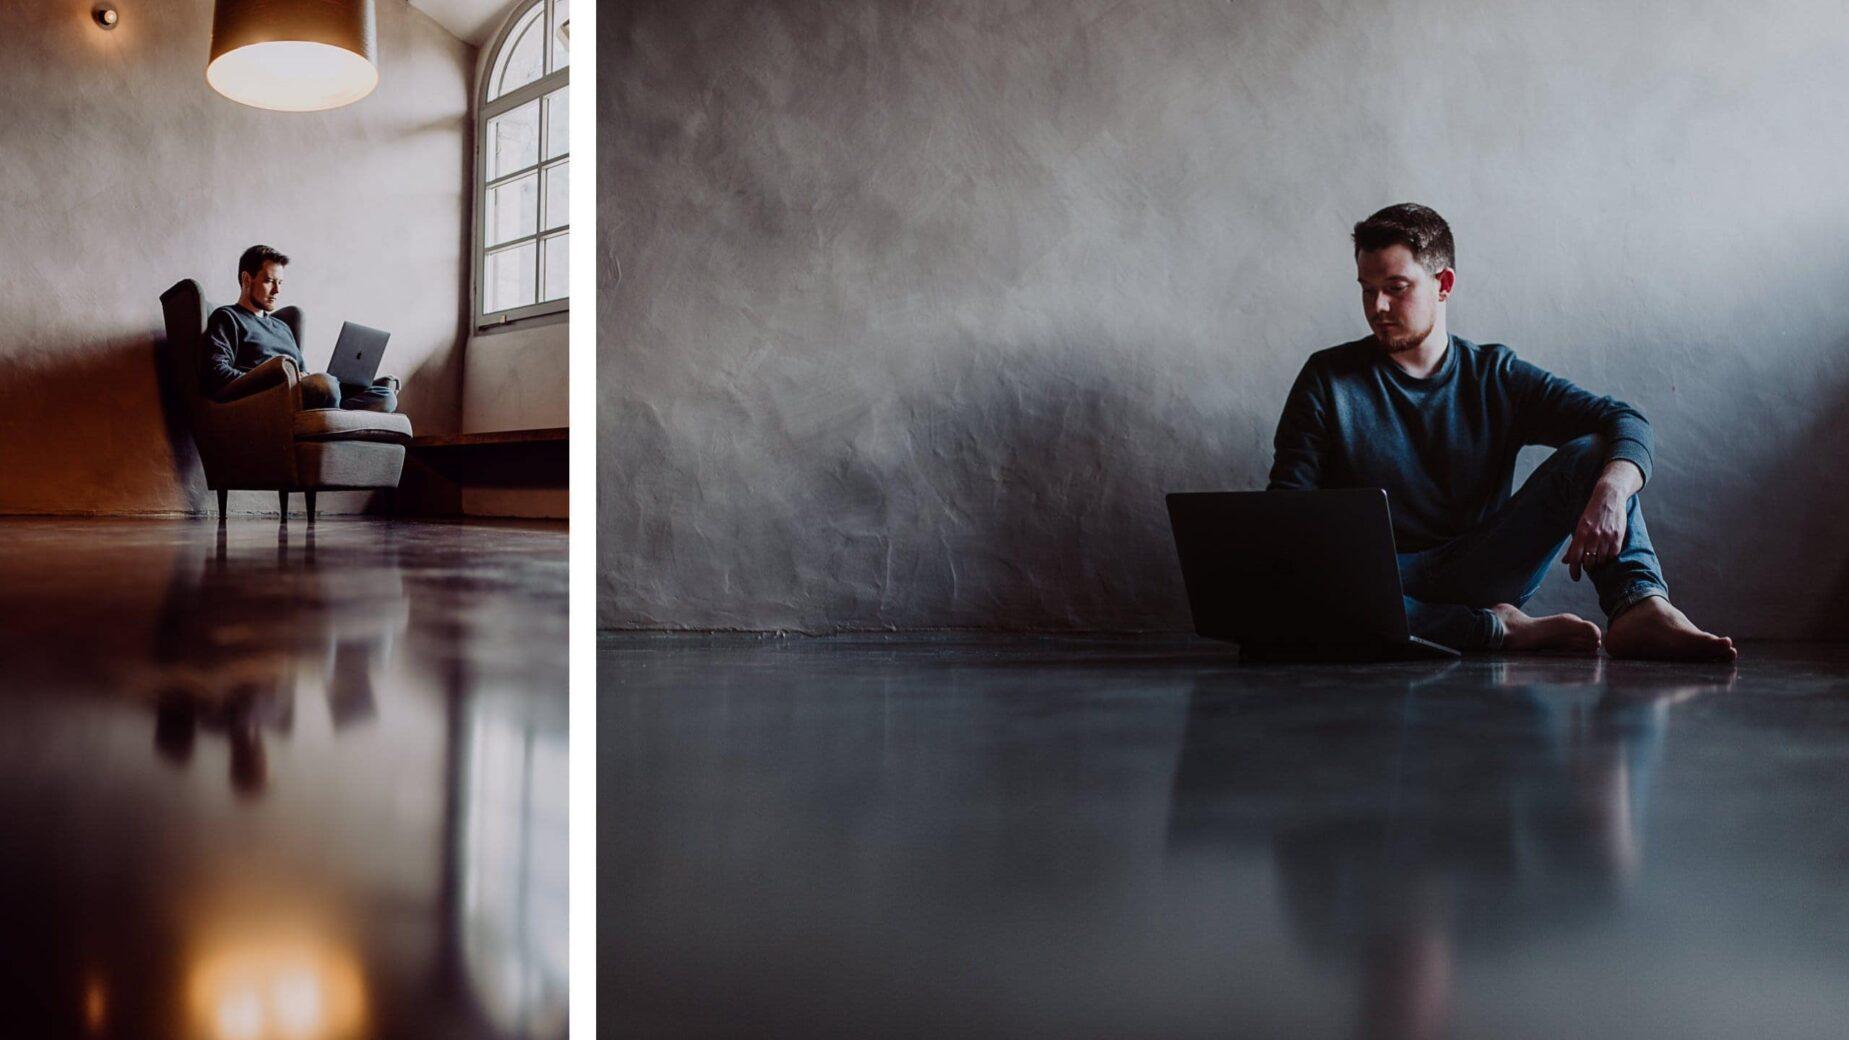 Schlichte und starke Portraitfotos in Schwarz-Weiß von Jung und Wild design